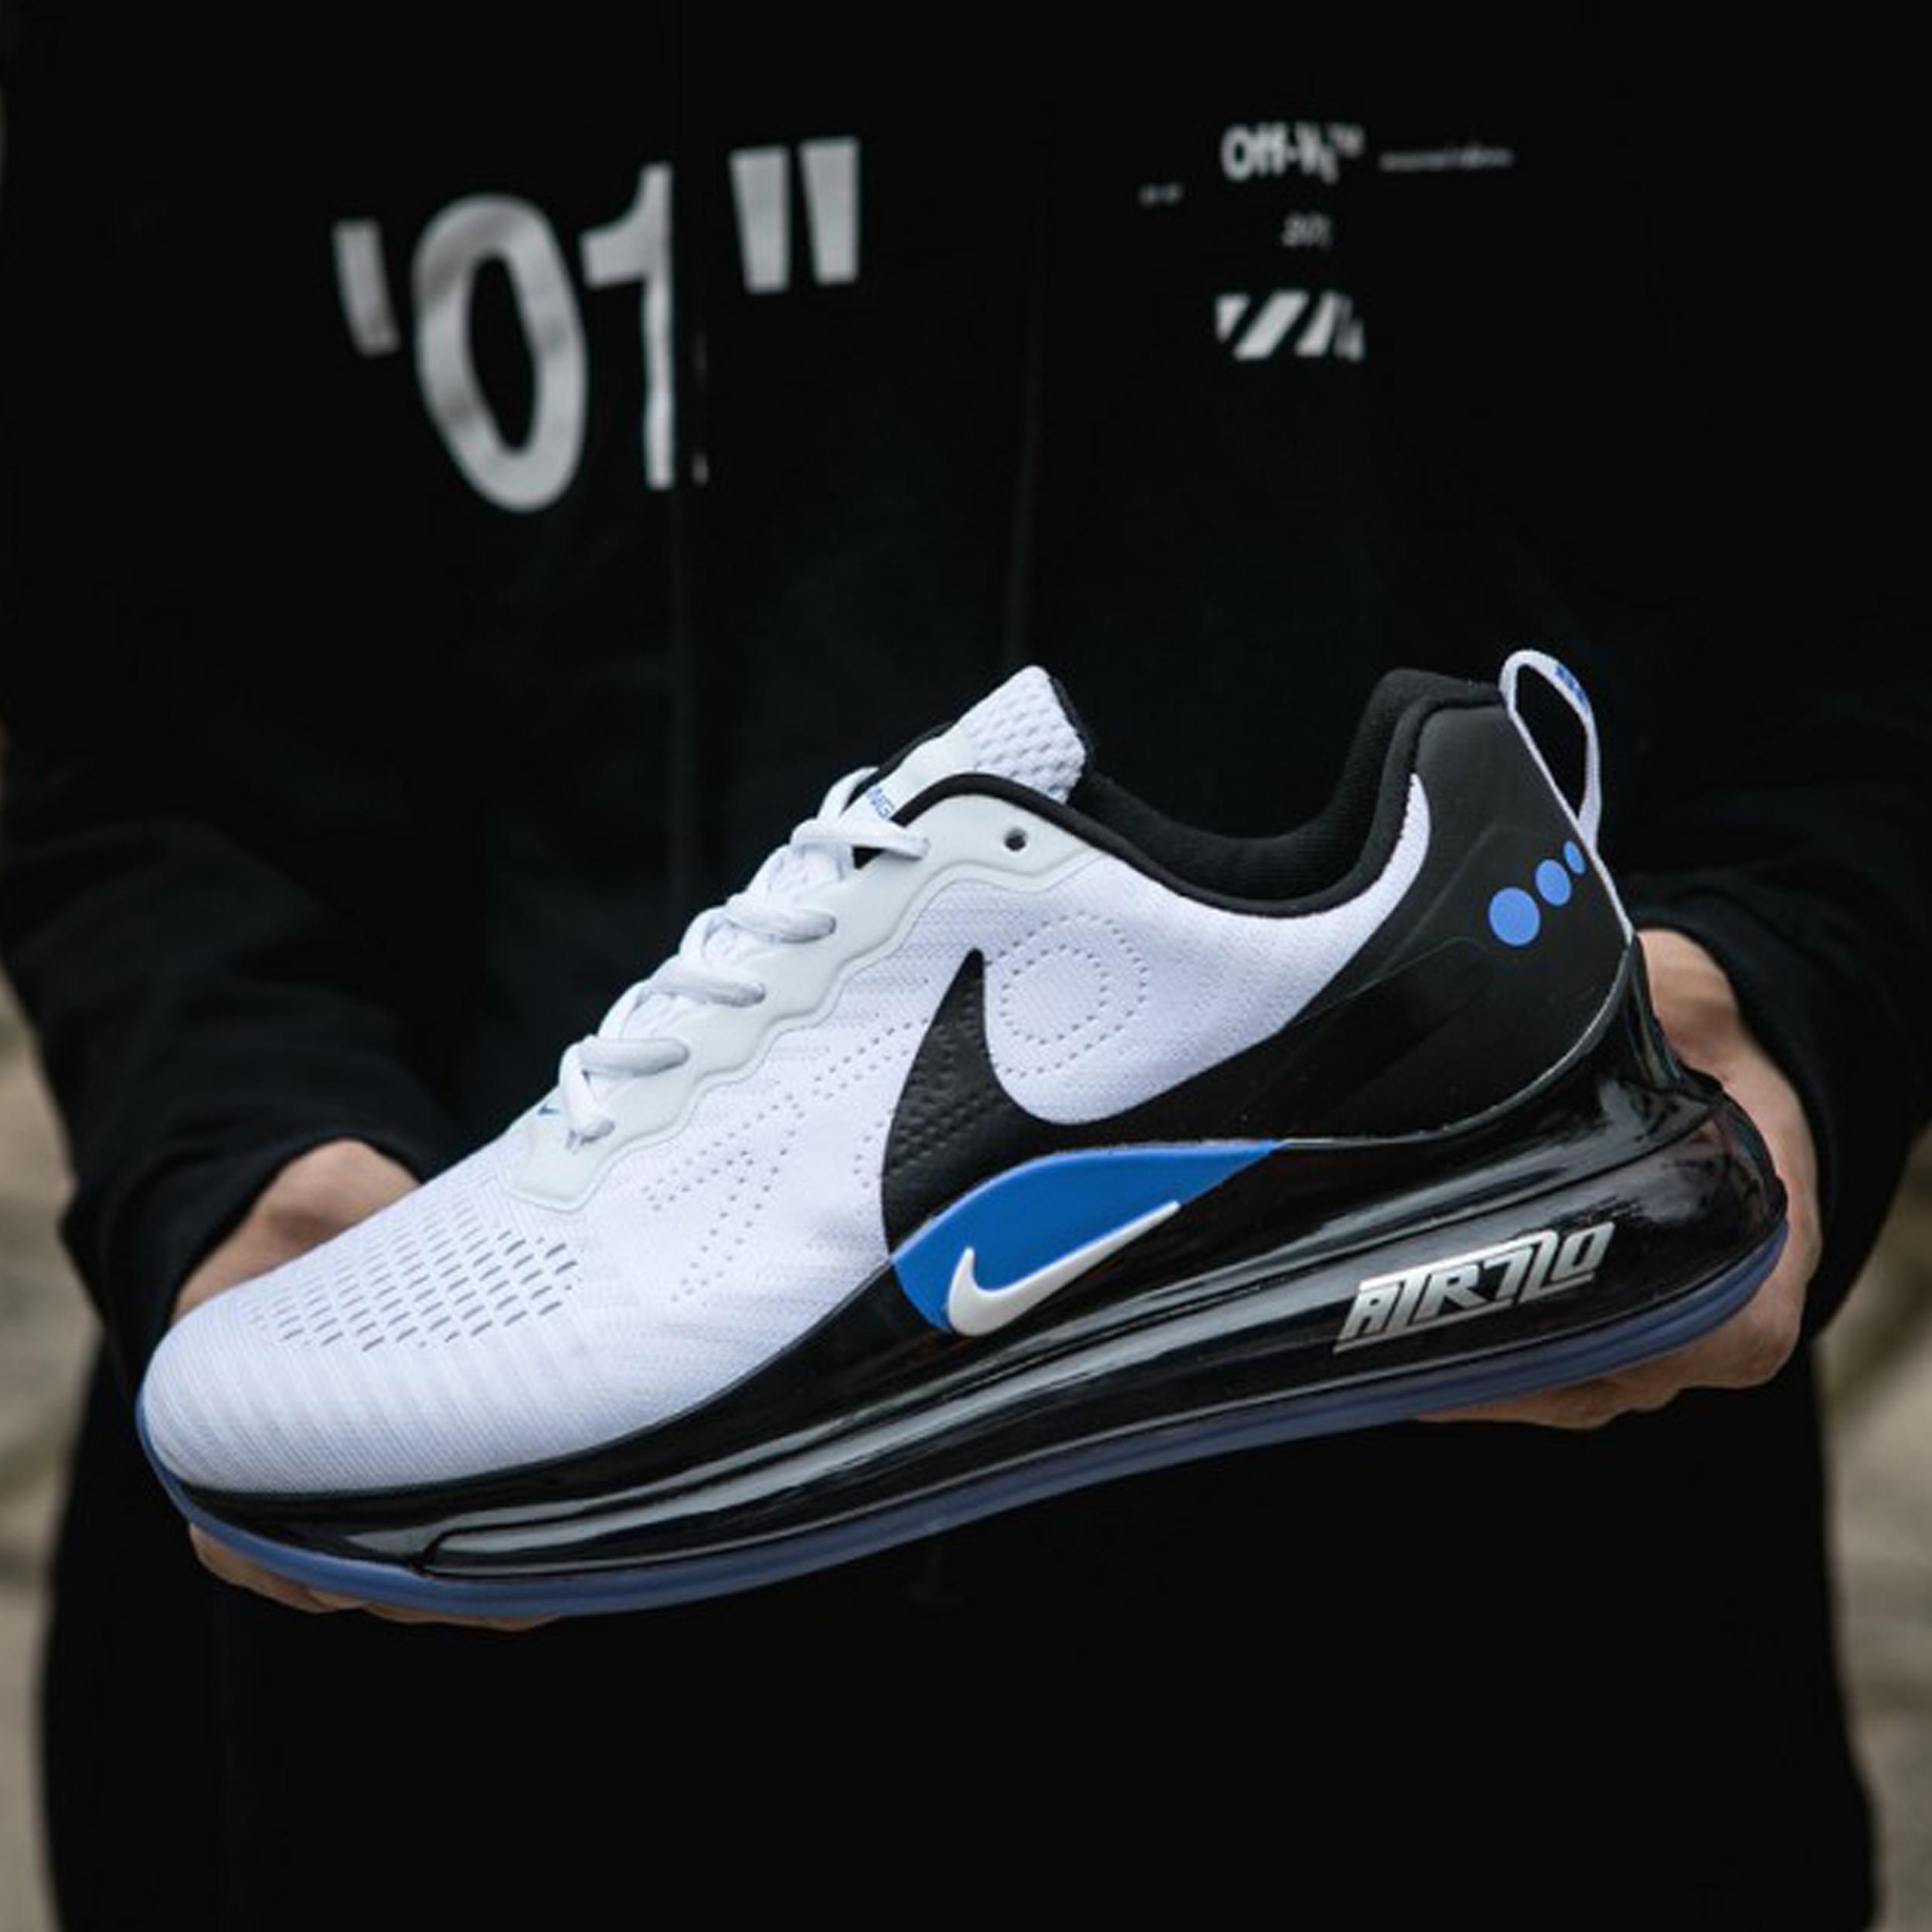 قیمت خرید کفش مخصوص پیاده روی مردانه نایکی مدل AIR MAX 720 NEW اورجینال